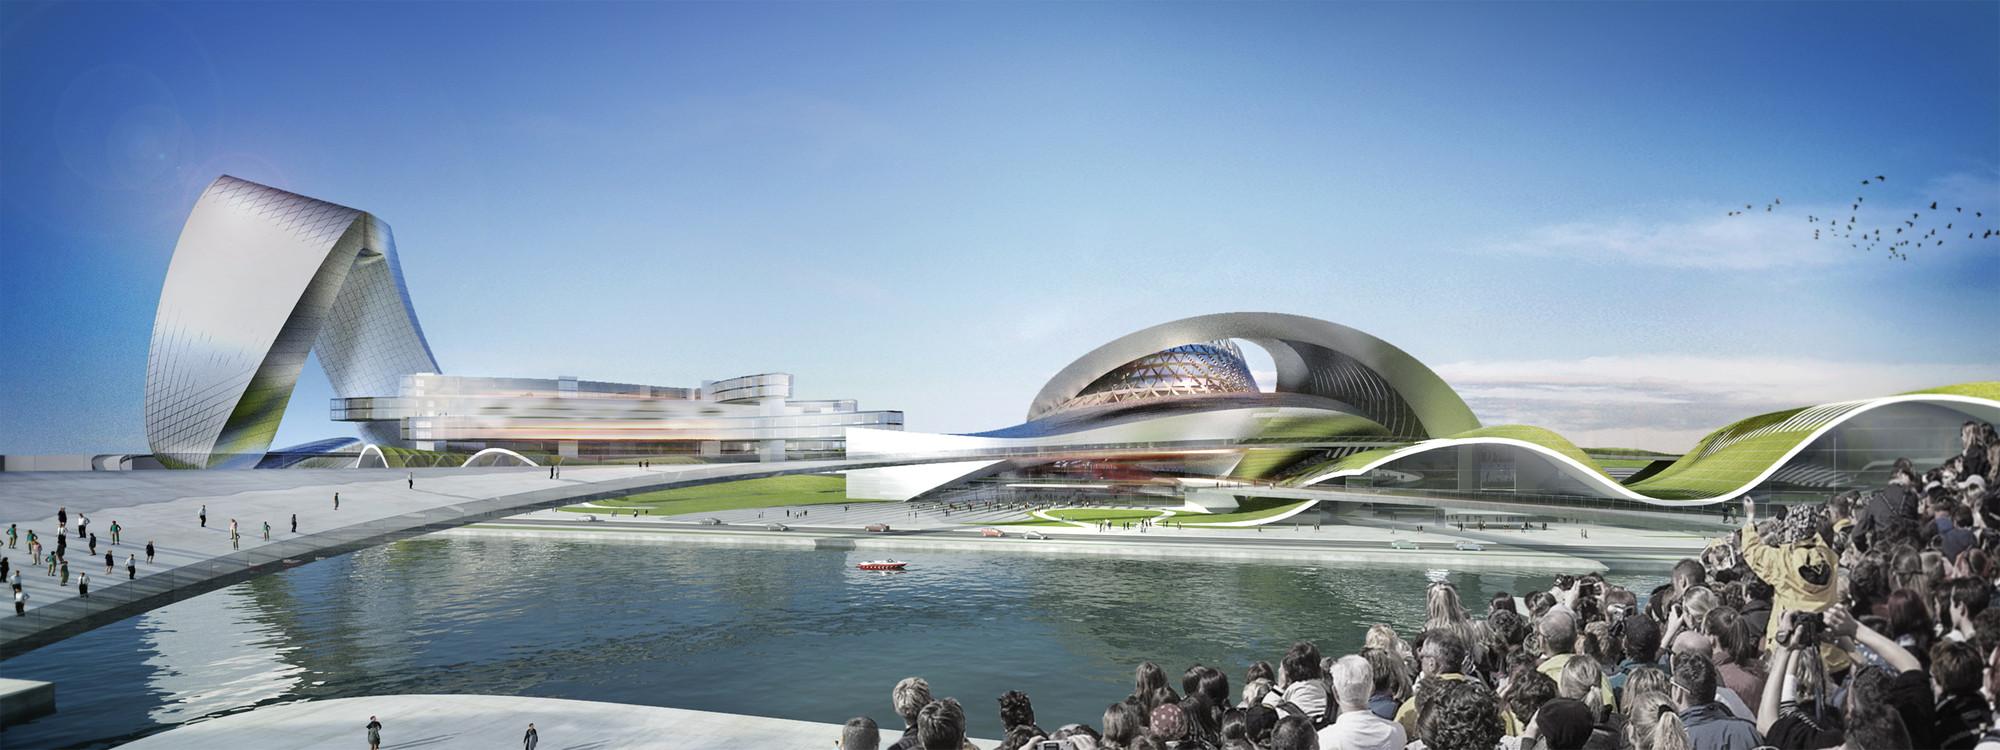 رساله معماری فرهنگسرای هنر